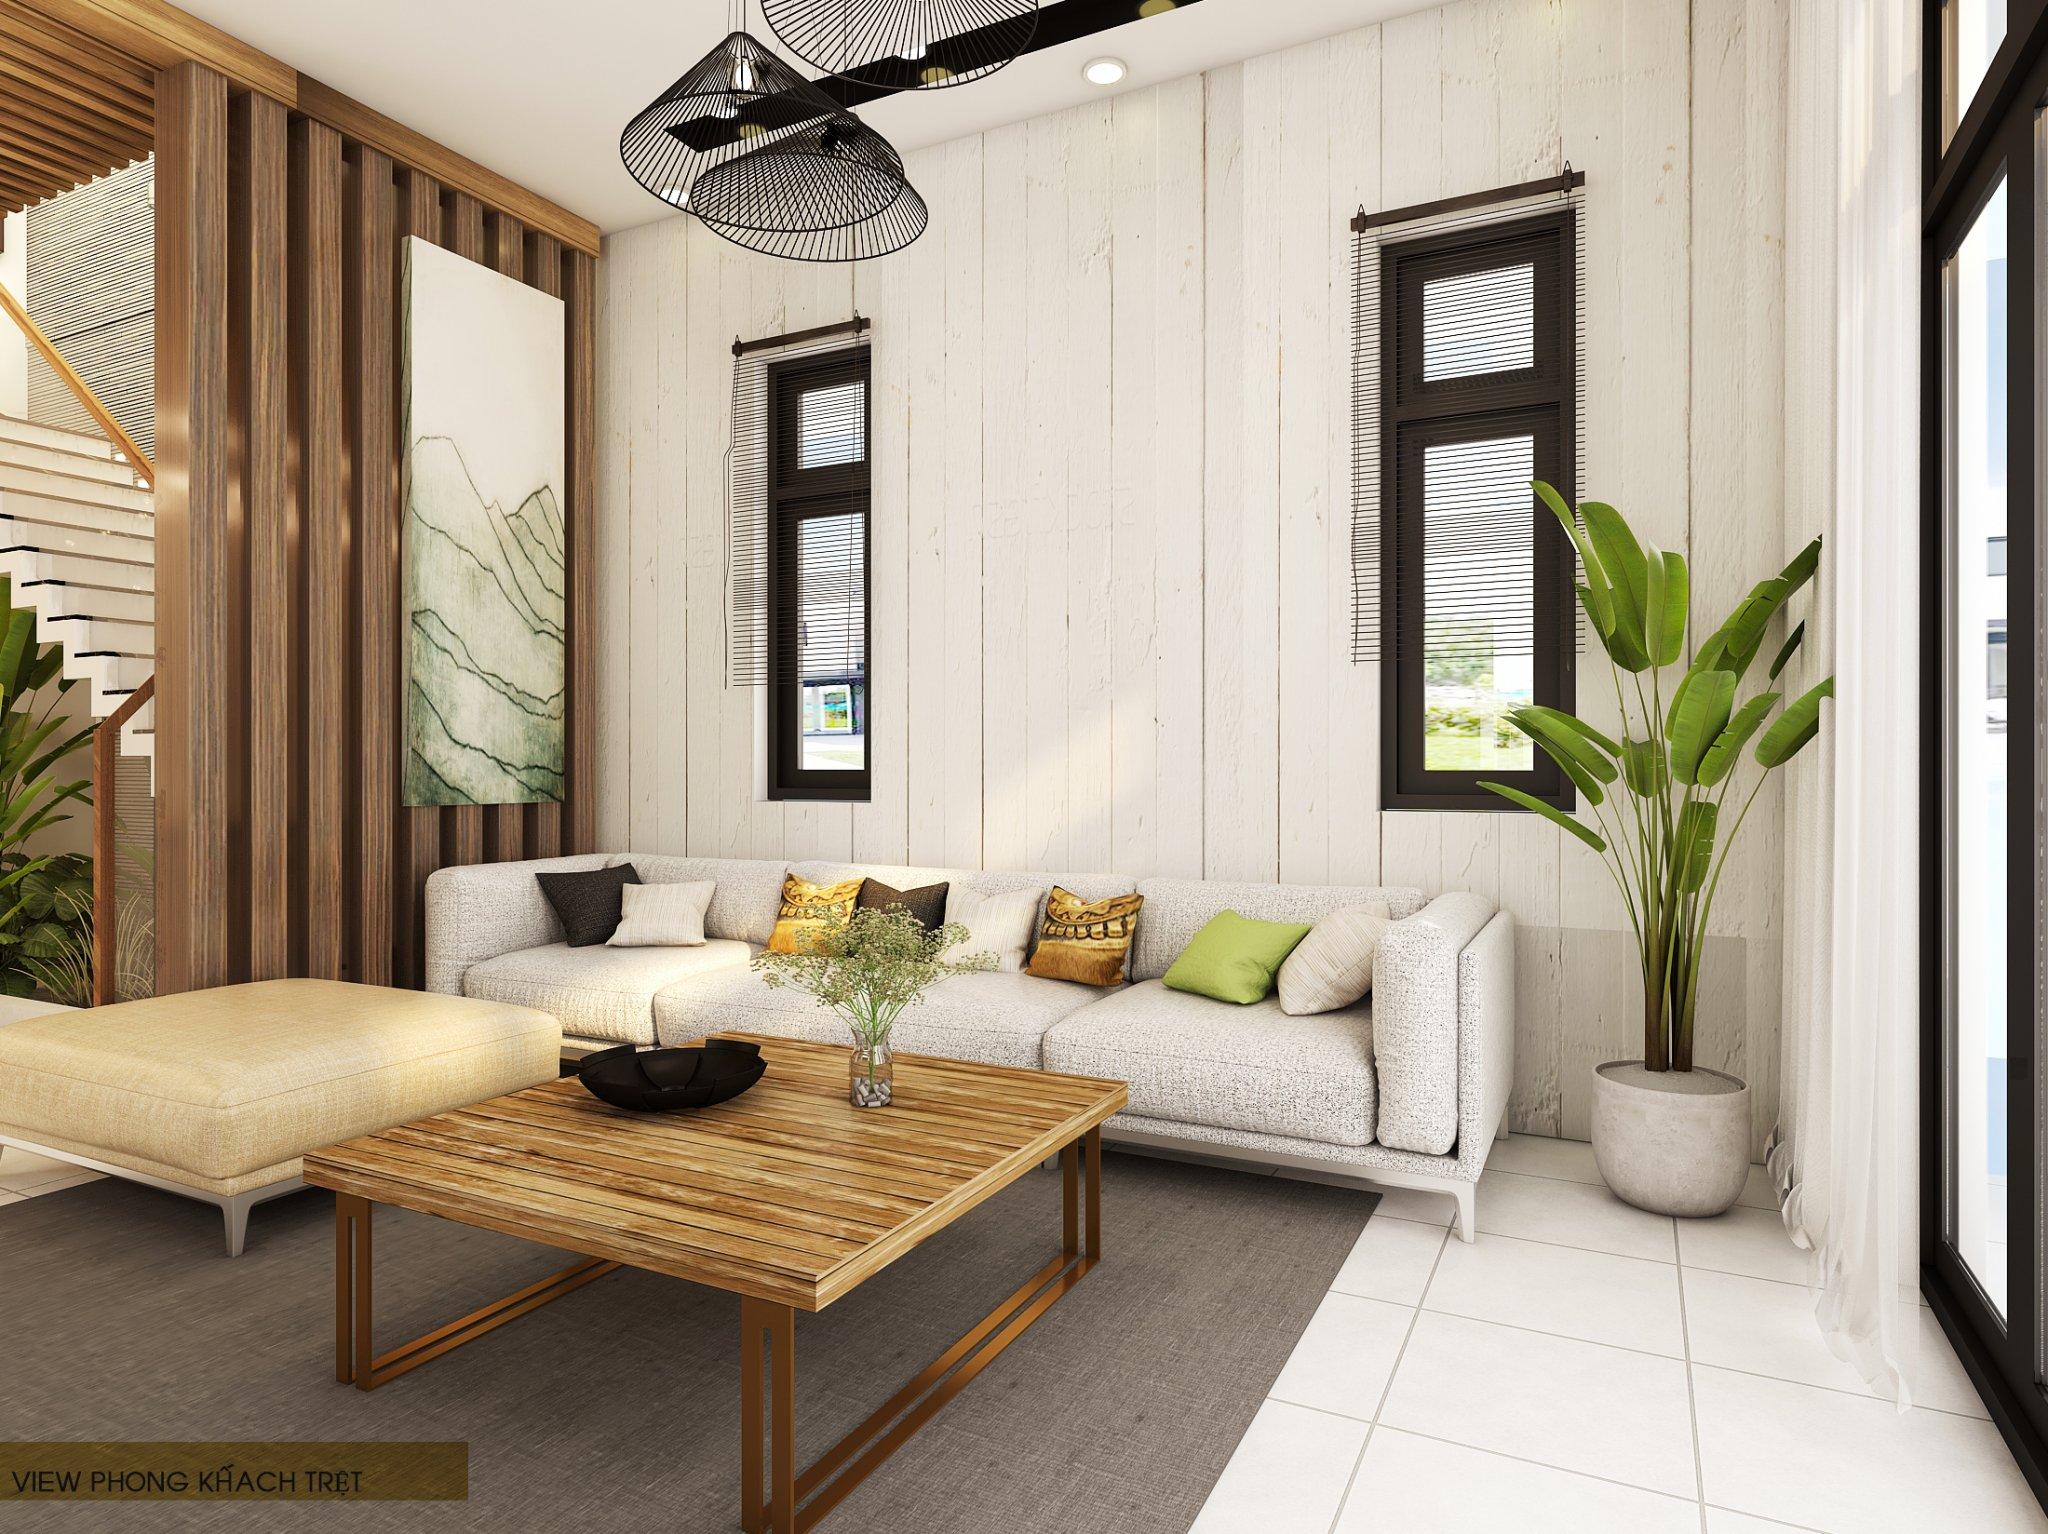 noi that hien dai biet thu 2 tang mini 13 [KHÔNG PHÁT SINH] xây nhà biệt thự 2 tầng ở Đồng Nai từ thiết kế đến hoàn công